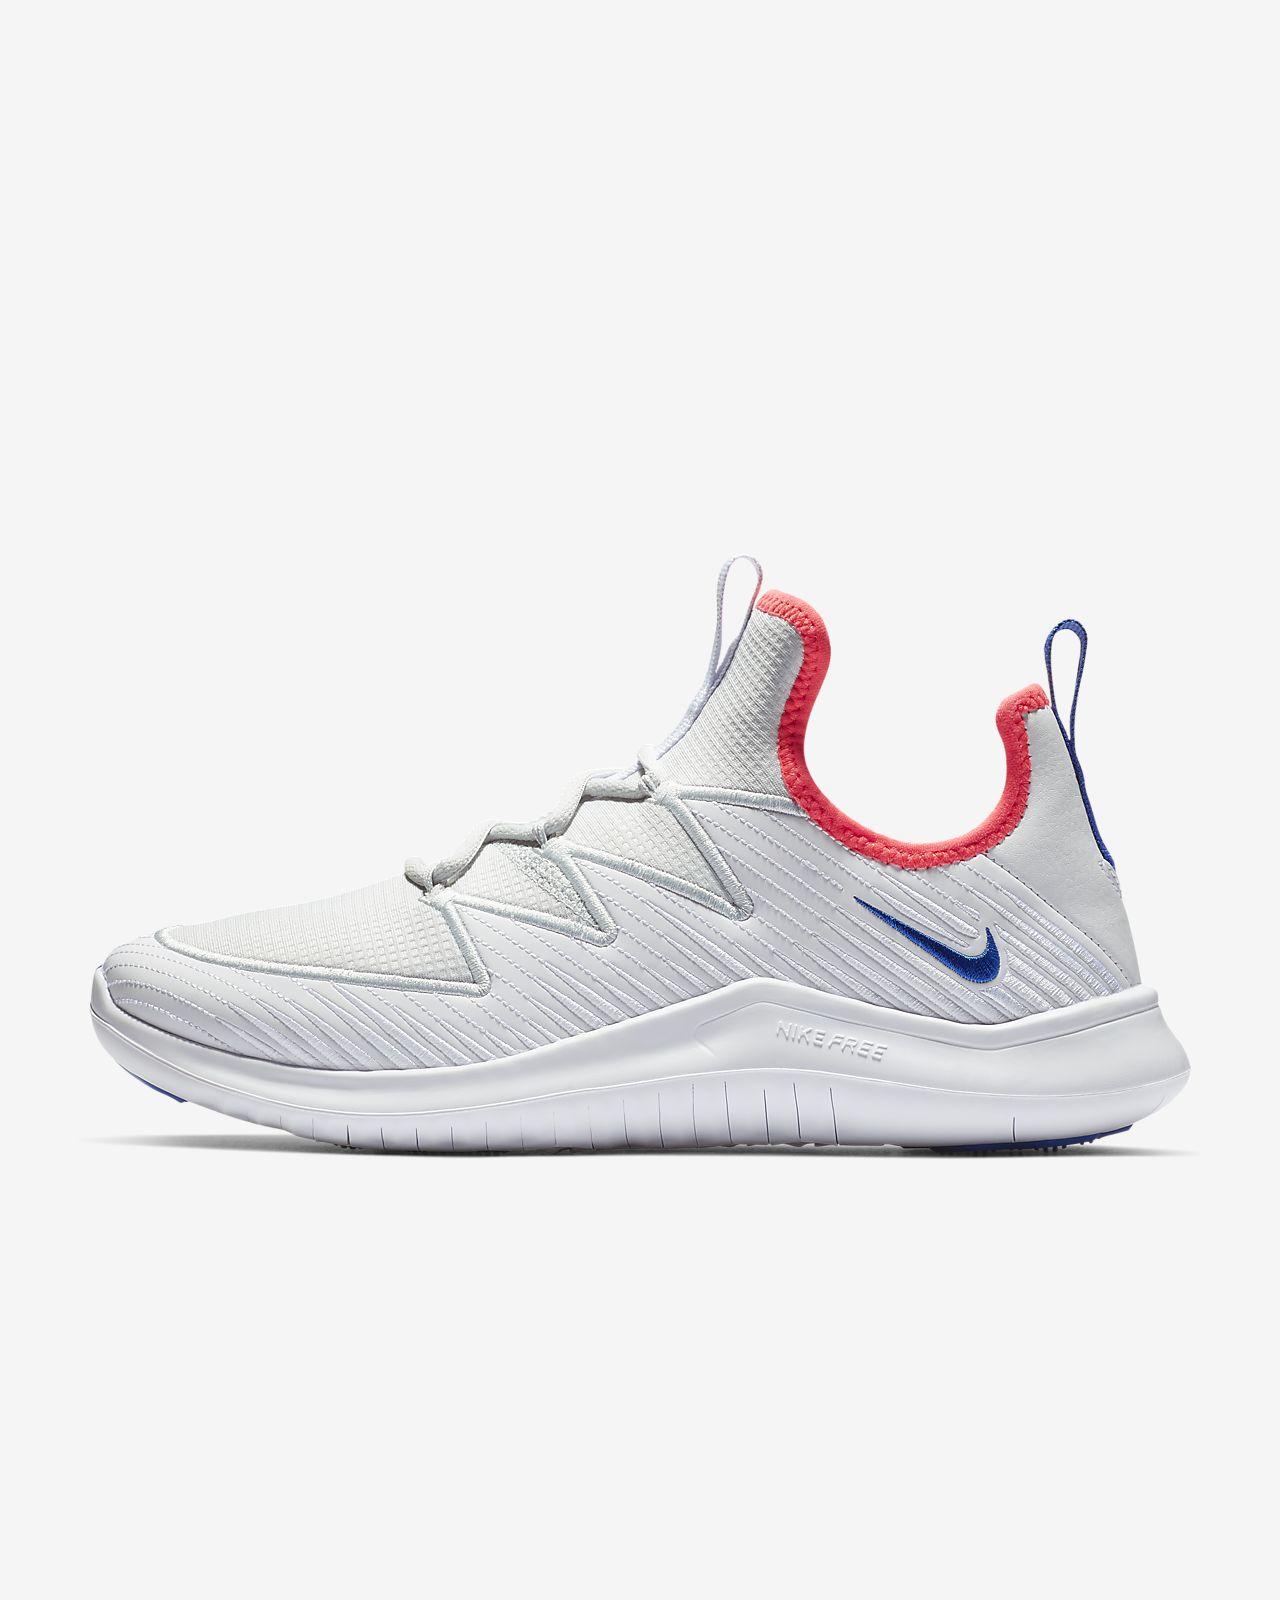 Nike Entrenamiento Zapatillas De Mujer Ultra Es Free Tr Htxq8twz6 UzMVpqSG